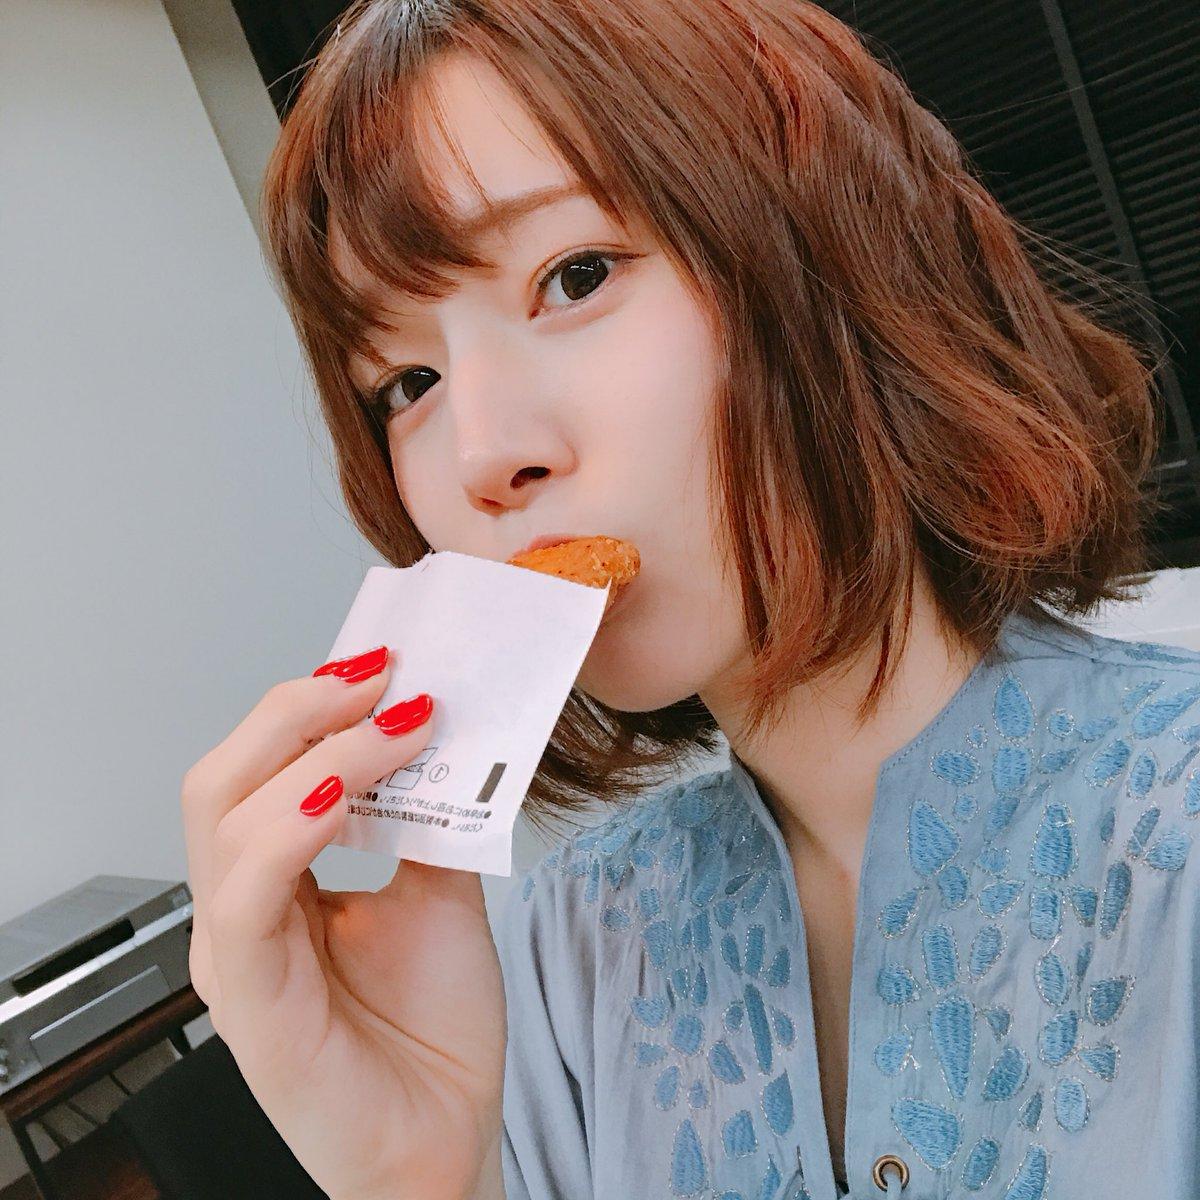 21時からたくのみニコ生ー!!がんばうーーー! pic.twitter.com/rPkC8lPvag